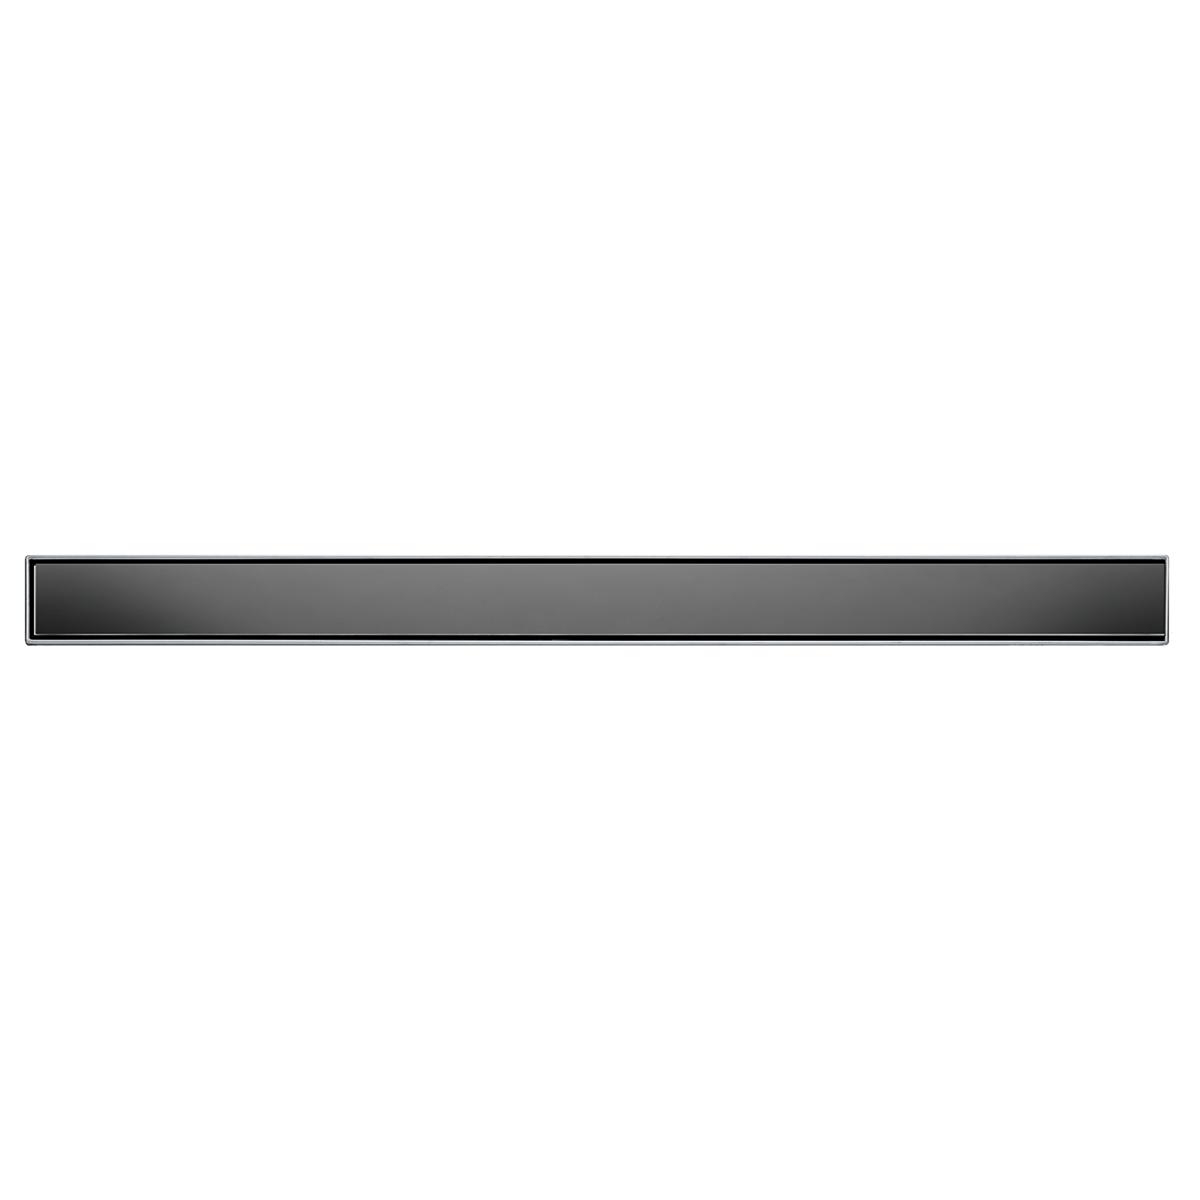 TECEdrainline glass black - на 360.ru: цены, описание, характеристики, где купить в Москве.